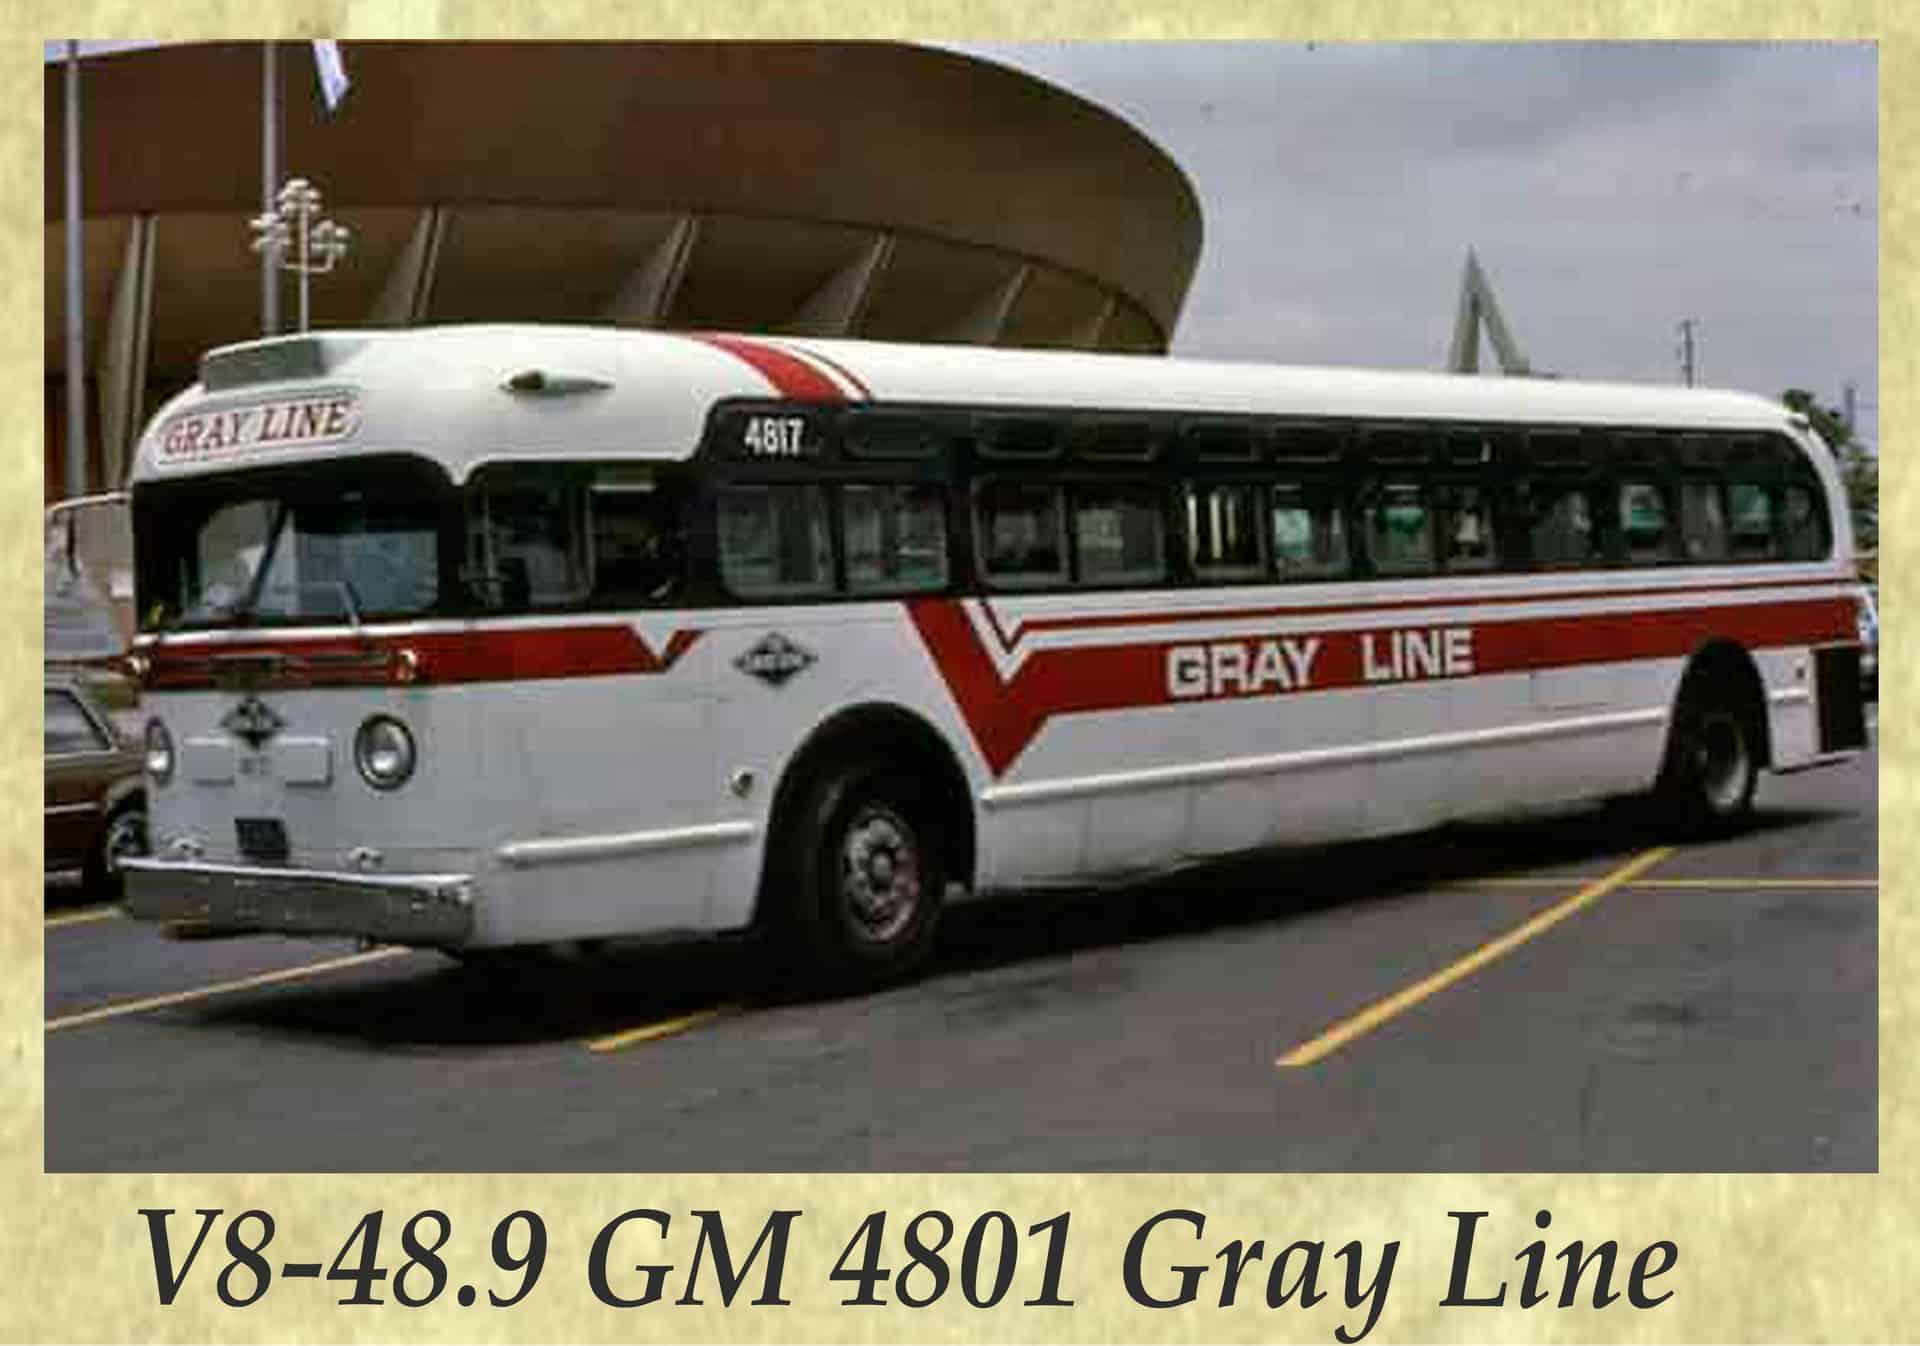 V8-48.9 GM 4801 Gray Line